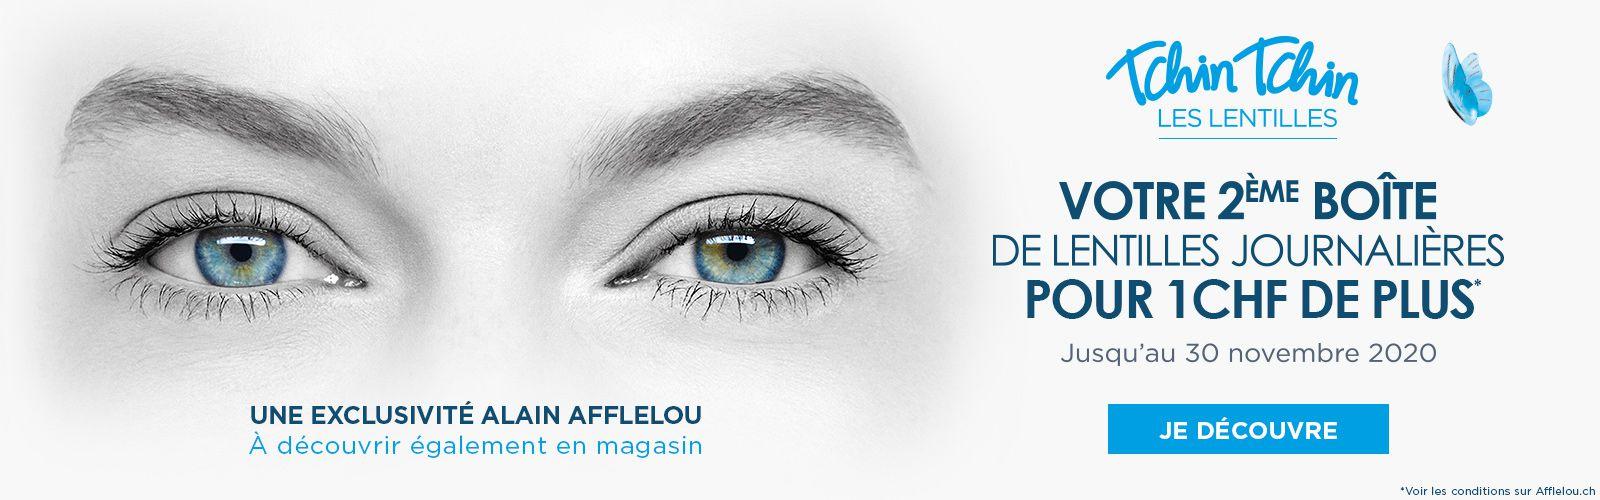 image swiper Afflelou1